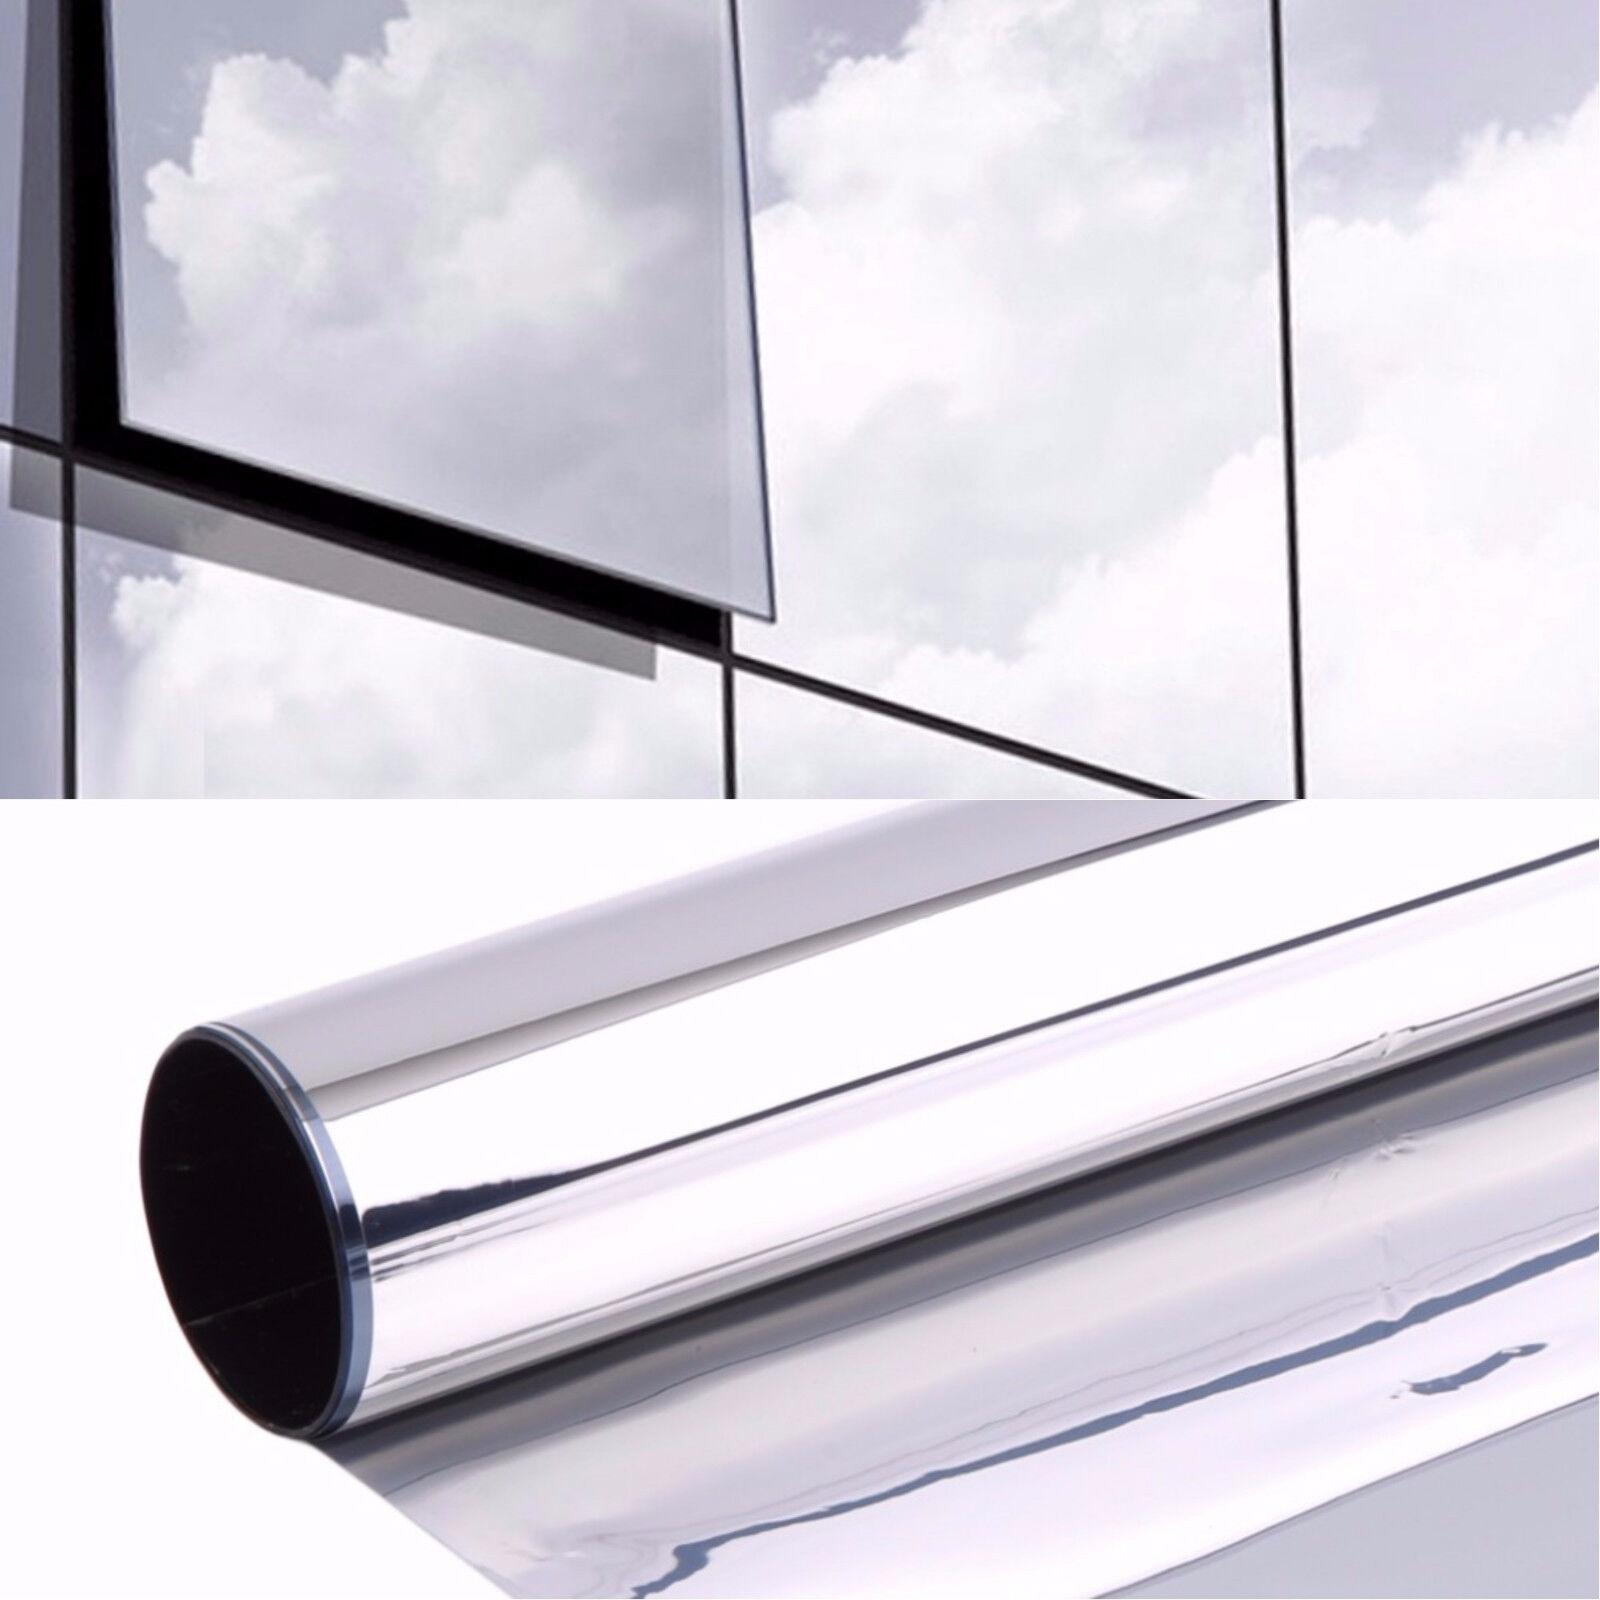 m² Spiegelfolie Silber Fensterfolie Sichtschutzfolie Sonnenschutz Folie